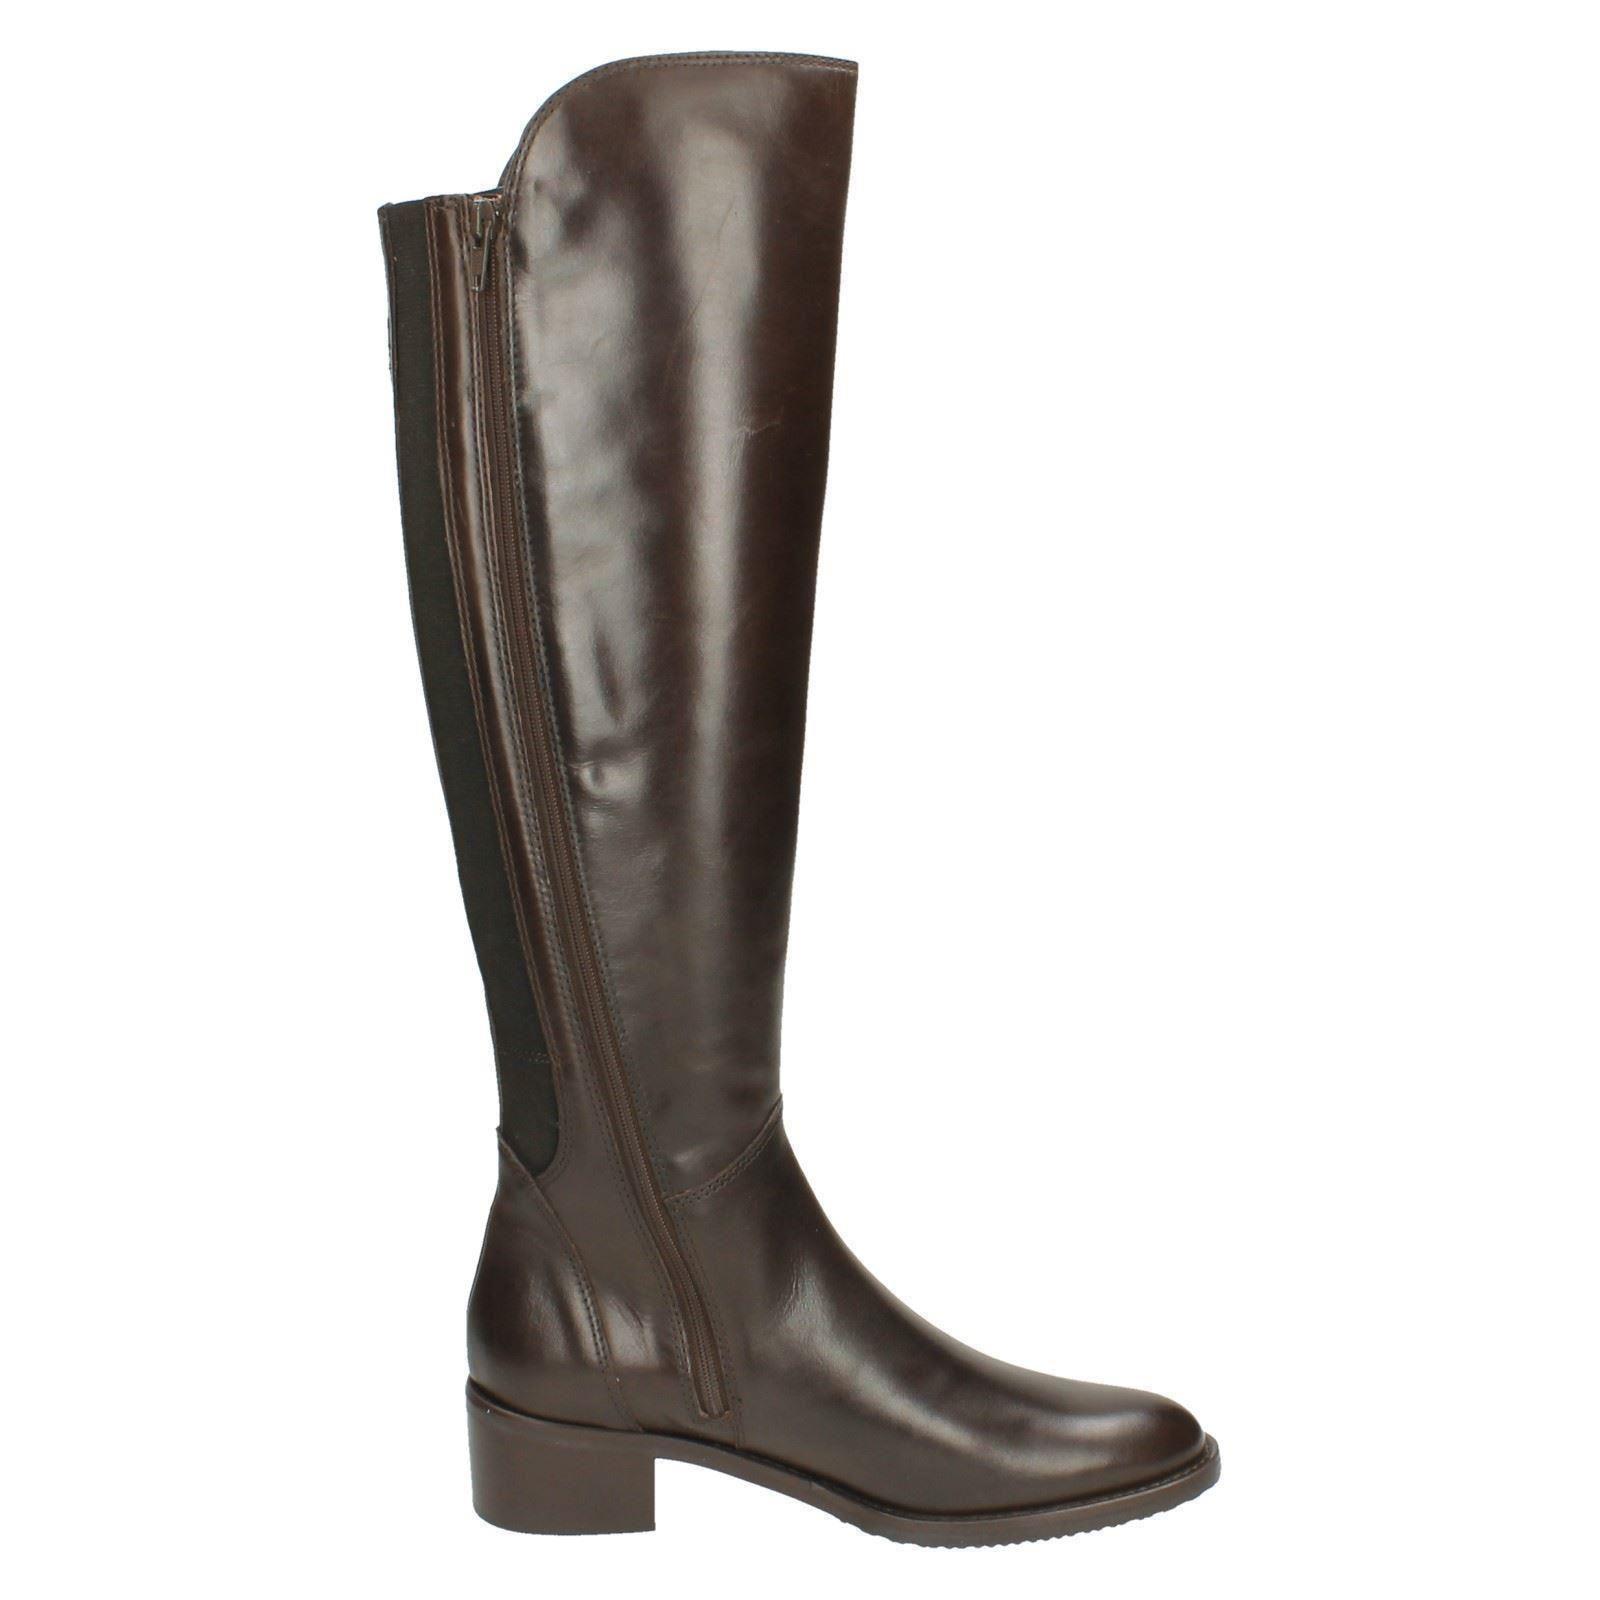 Onorevoli Clarks Equitazione Stile Stivali Stivali Stile alti con etichetta-valana MELROSE 03aa5b